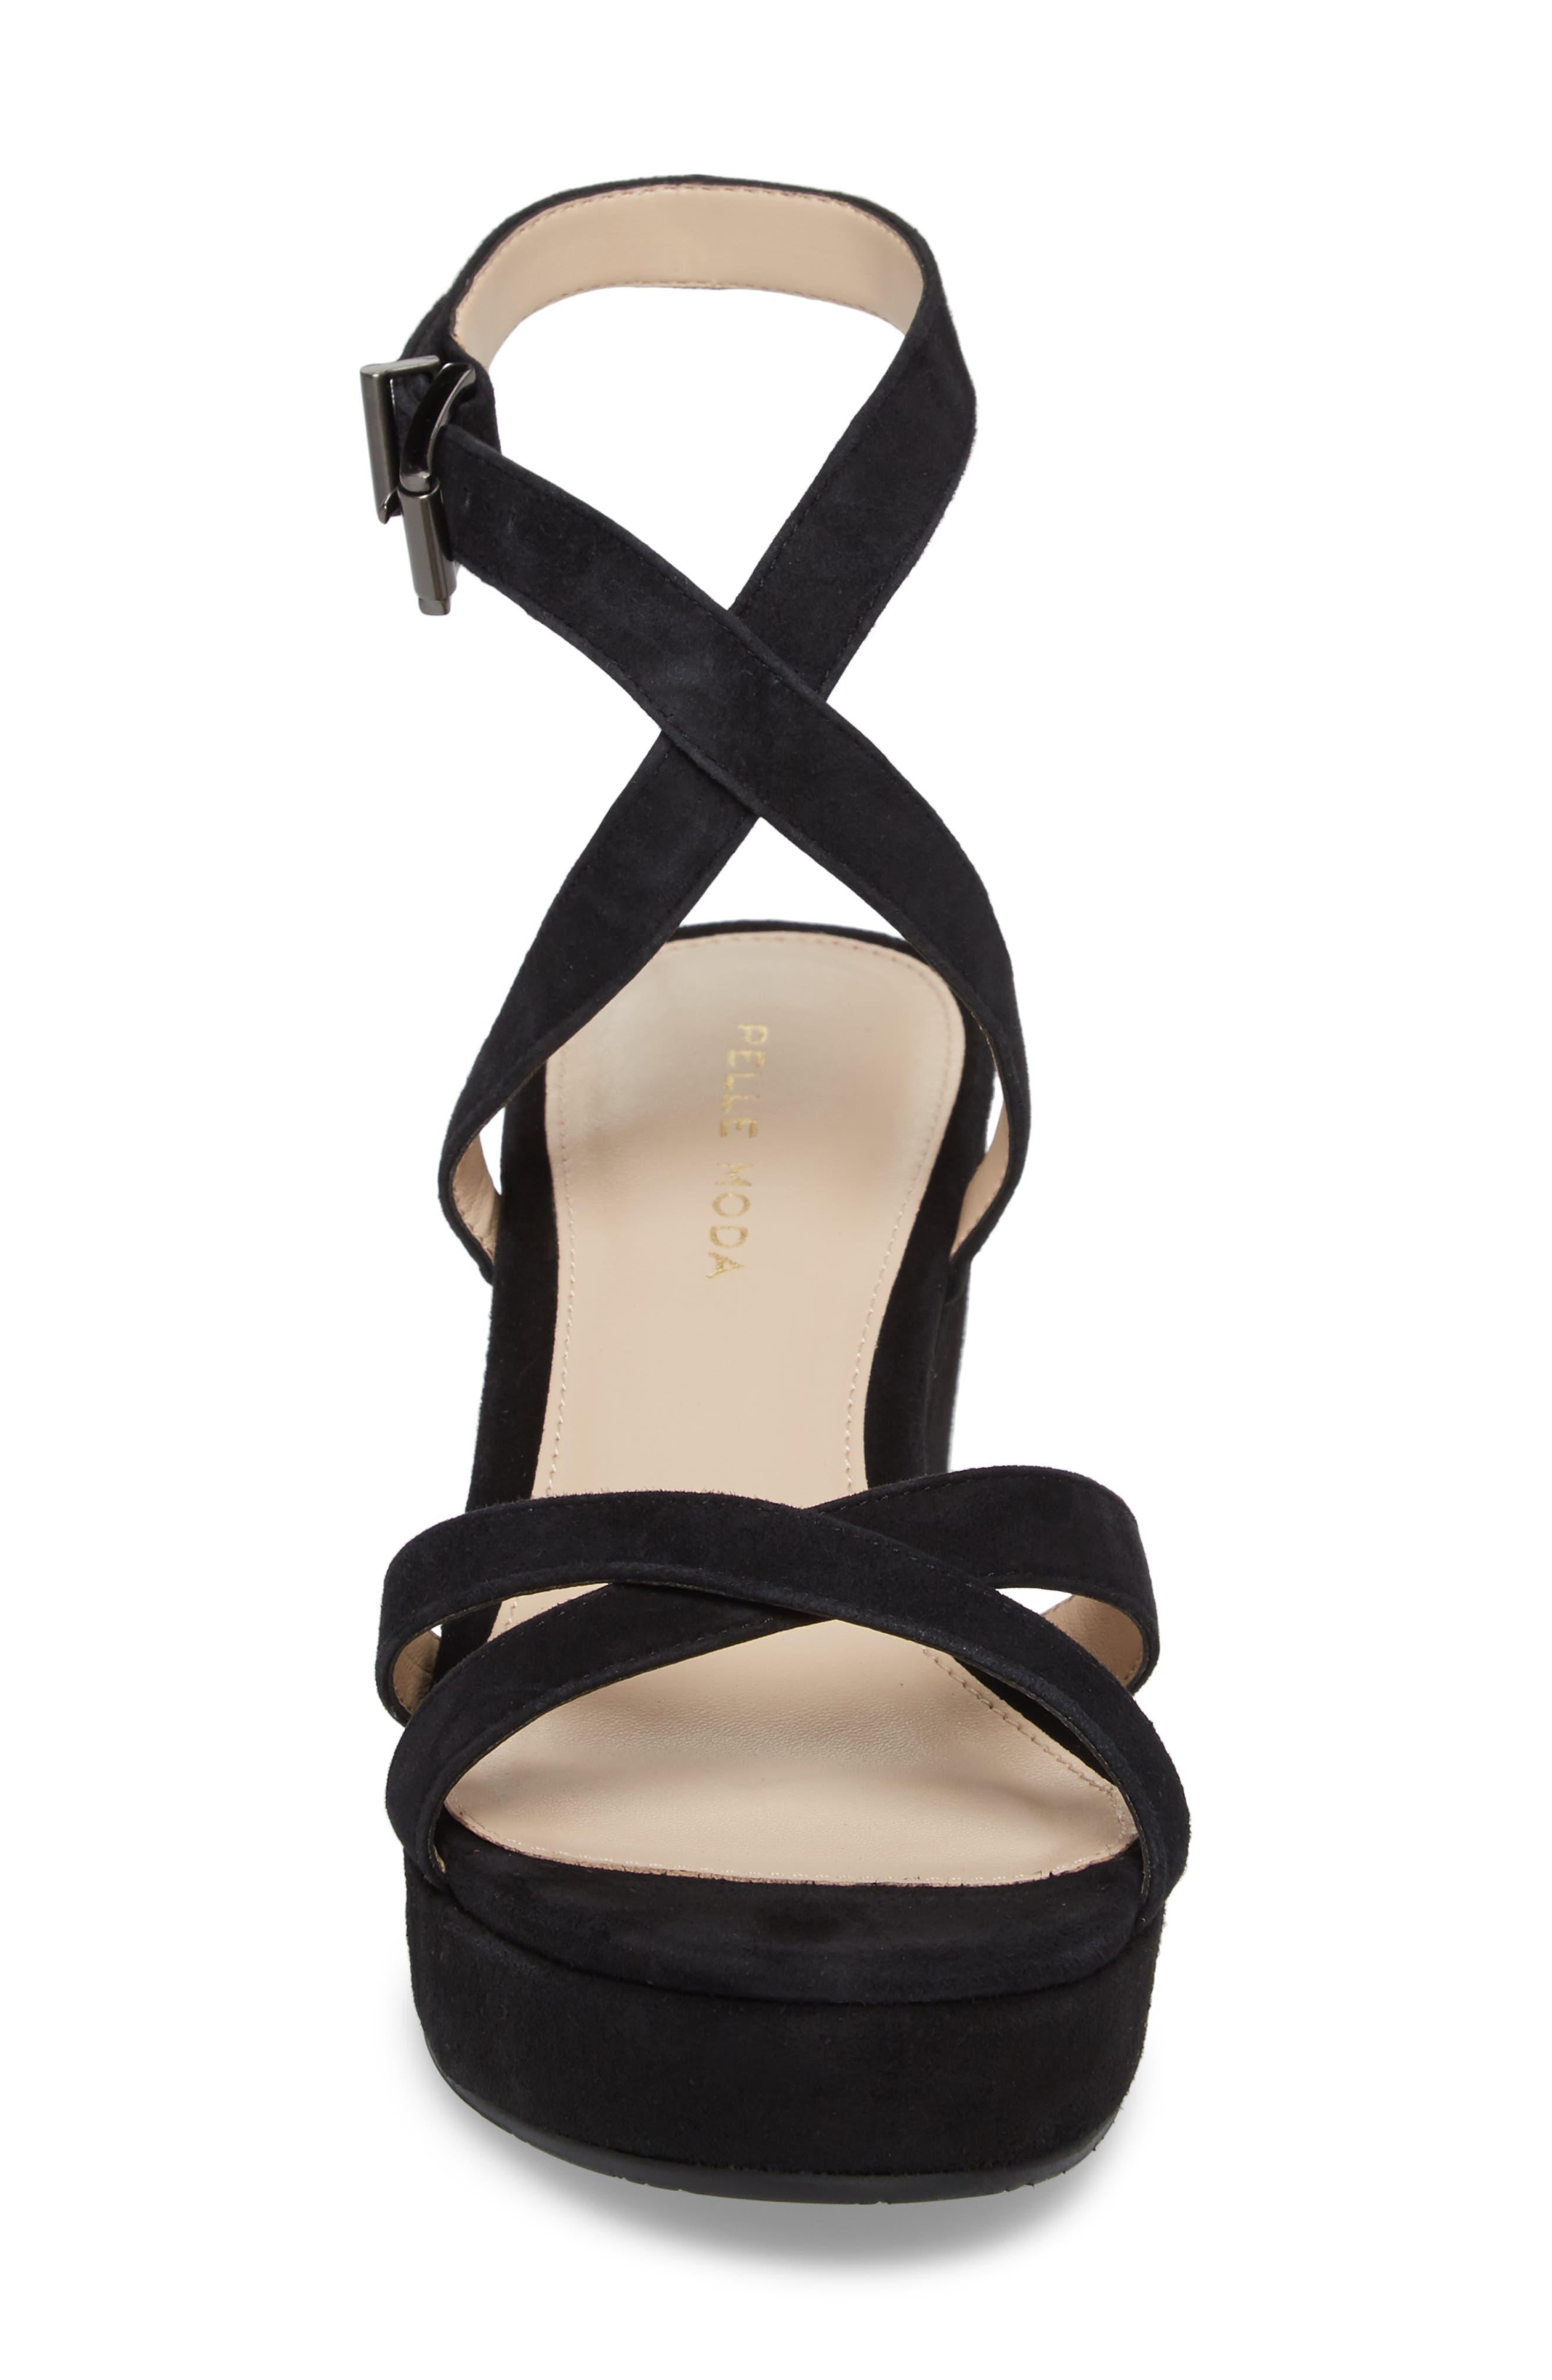 Keo2 Platform Wedge Sandal,                             Alternate thumbnail 4, color,                             BLACK SUEDE